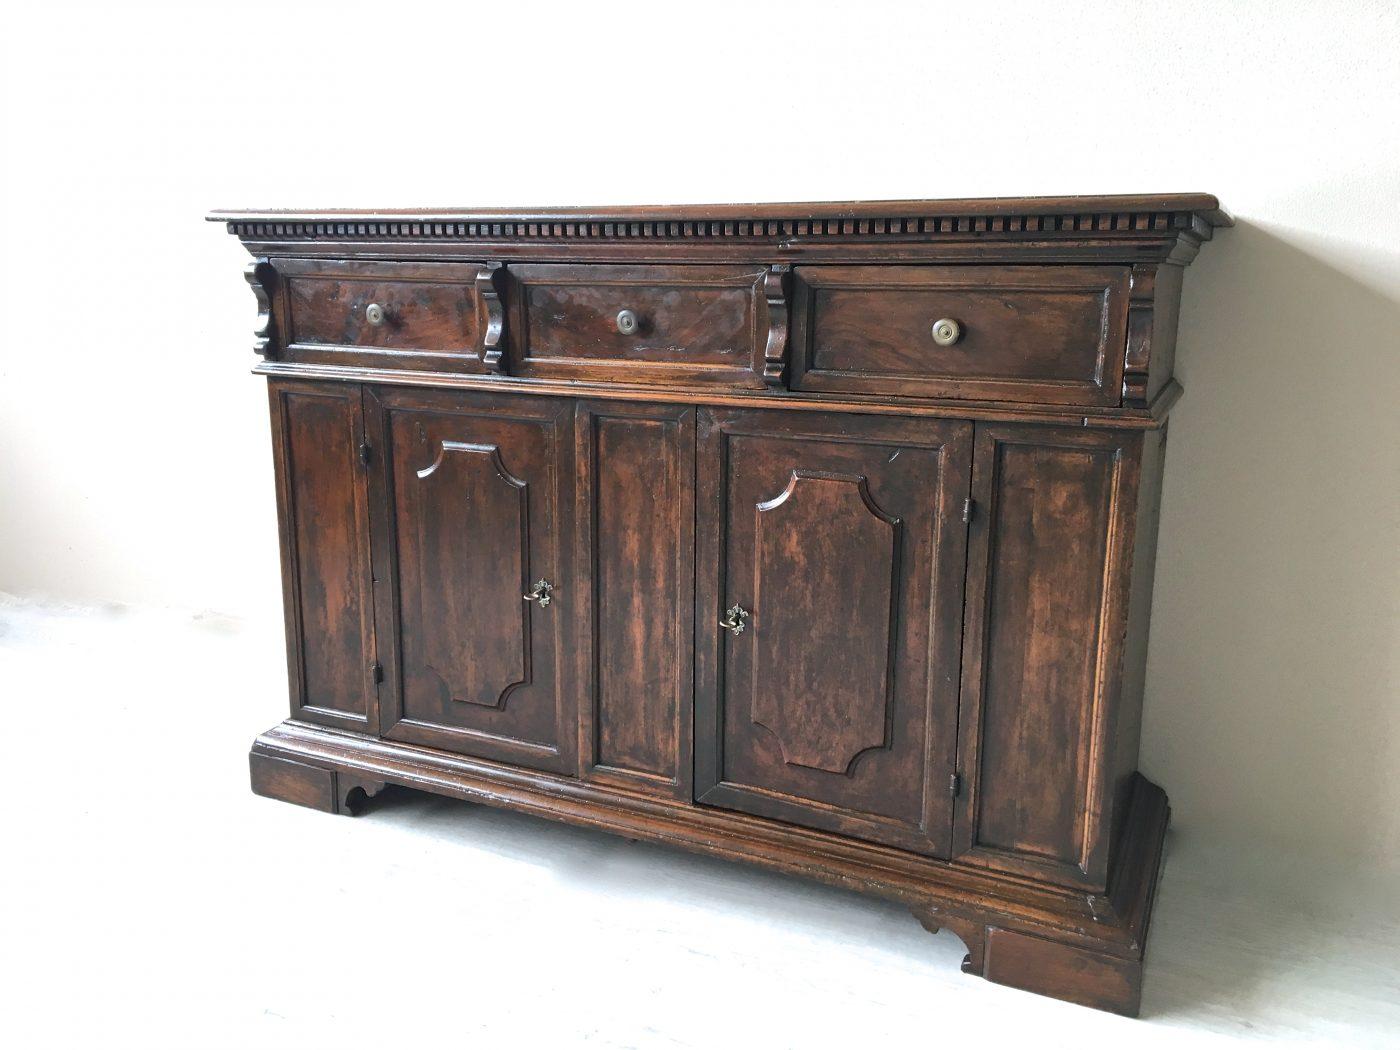 Credenza Con Alzata Antica : Credenza in noce costruita con materiale antico u mobili stile